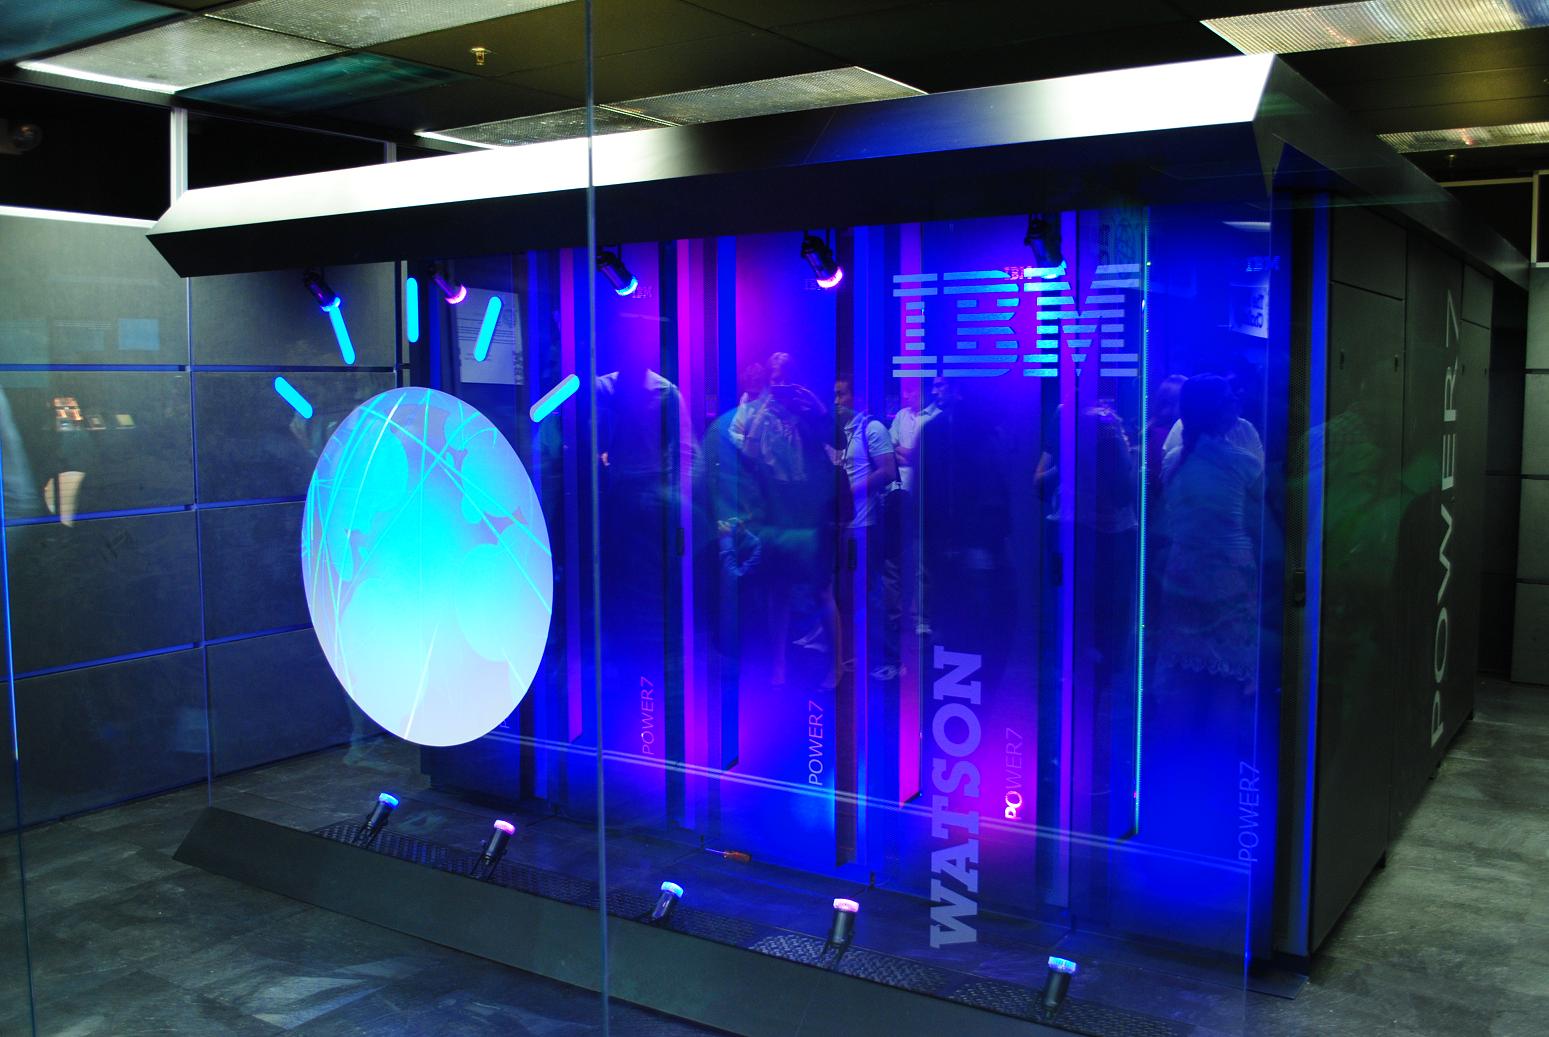 IBM invertirá $240 millones de dólares para crear el MIT-IBM Watson AI Lab,un proyecto colaborativo a 10 años con el MIT con el objetivo de impulsar logros científicos en el campo de la inteligencia artificial. - Foto:Clockready / Wikimedia Commons.